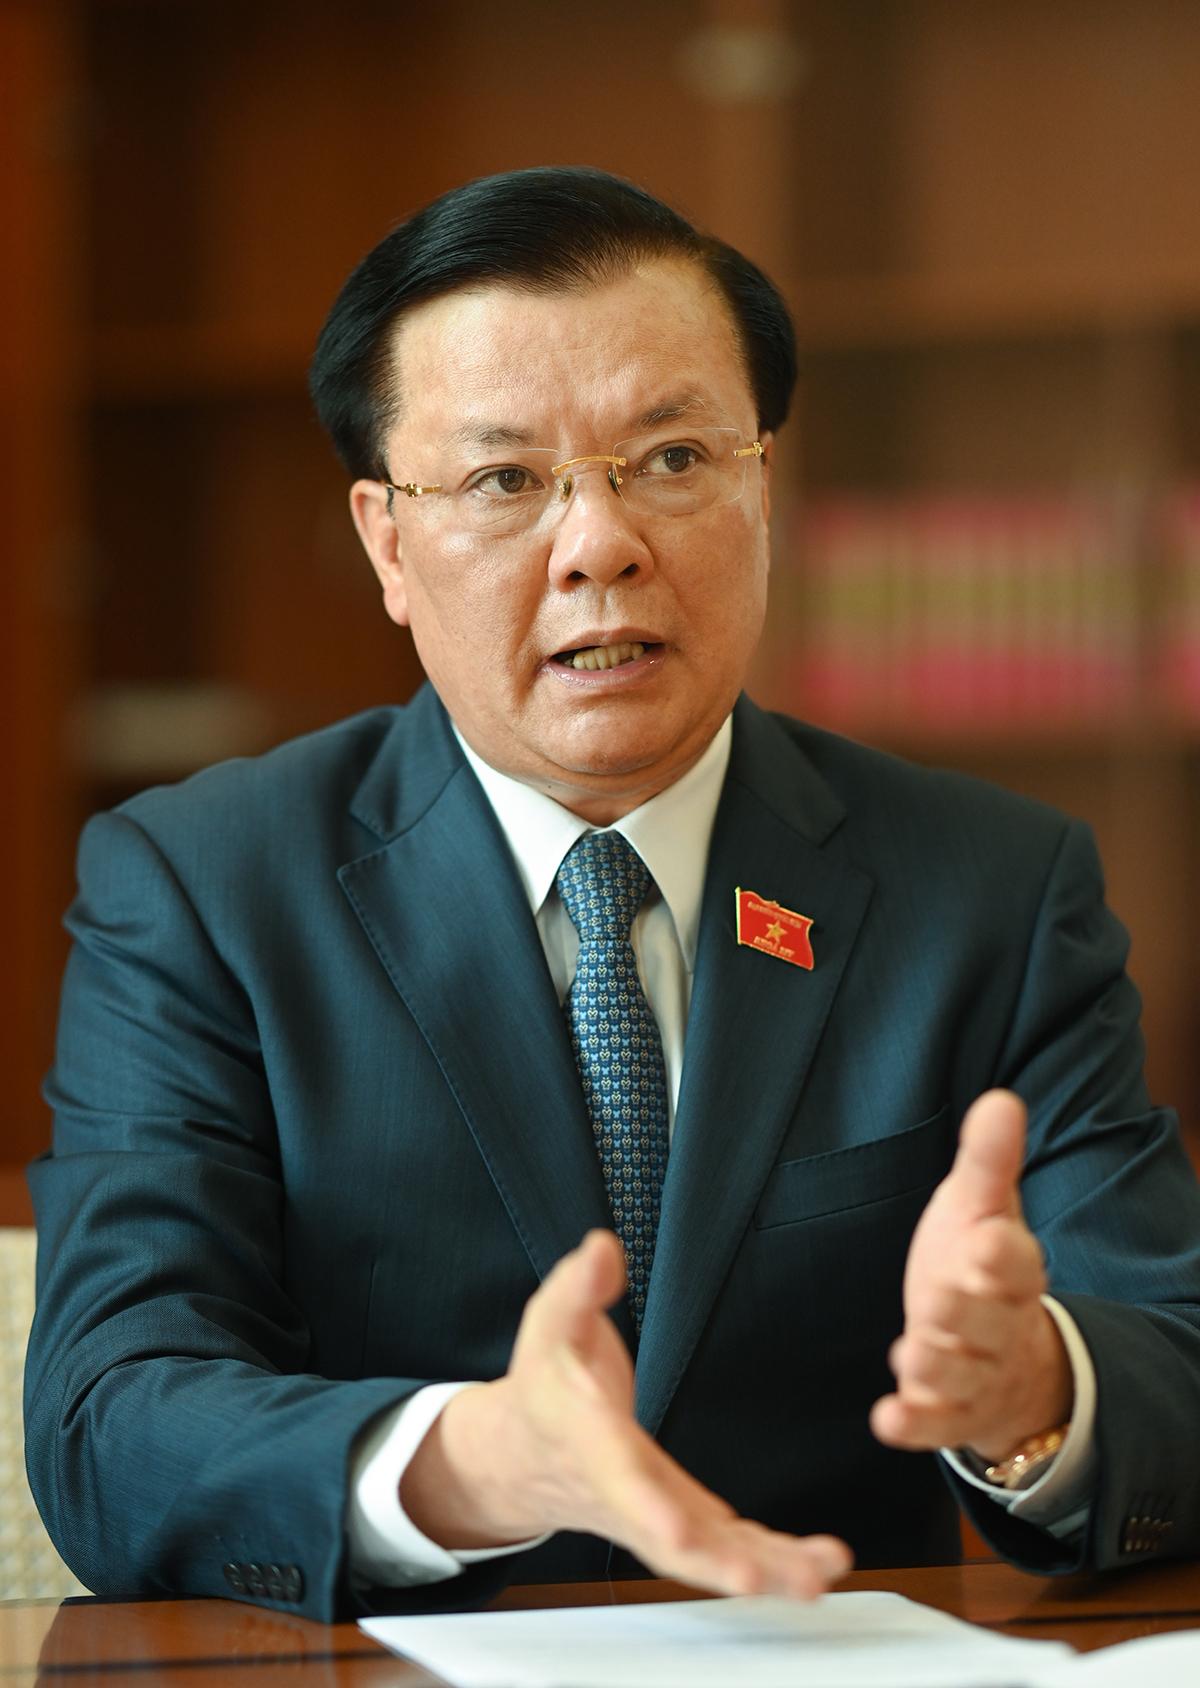 [eMagazine] Bộ trưởng Đinh Tiến Dũng: Không vì mục tiêu nâng hạng mà đánh đổi an toàn hệ thống tài chính quốc gia - Ảnh 2.